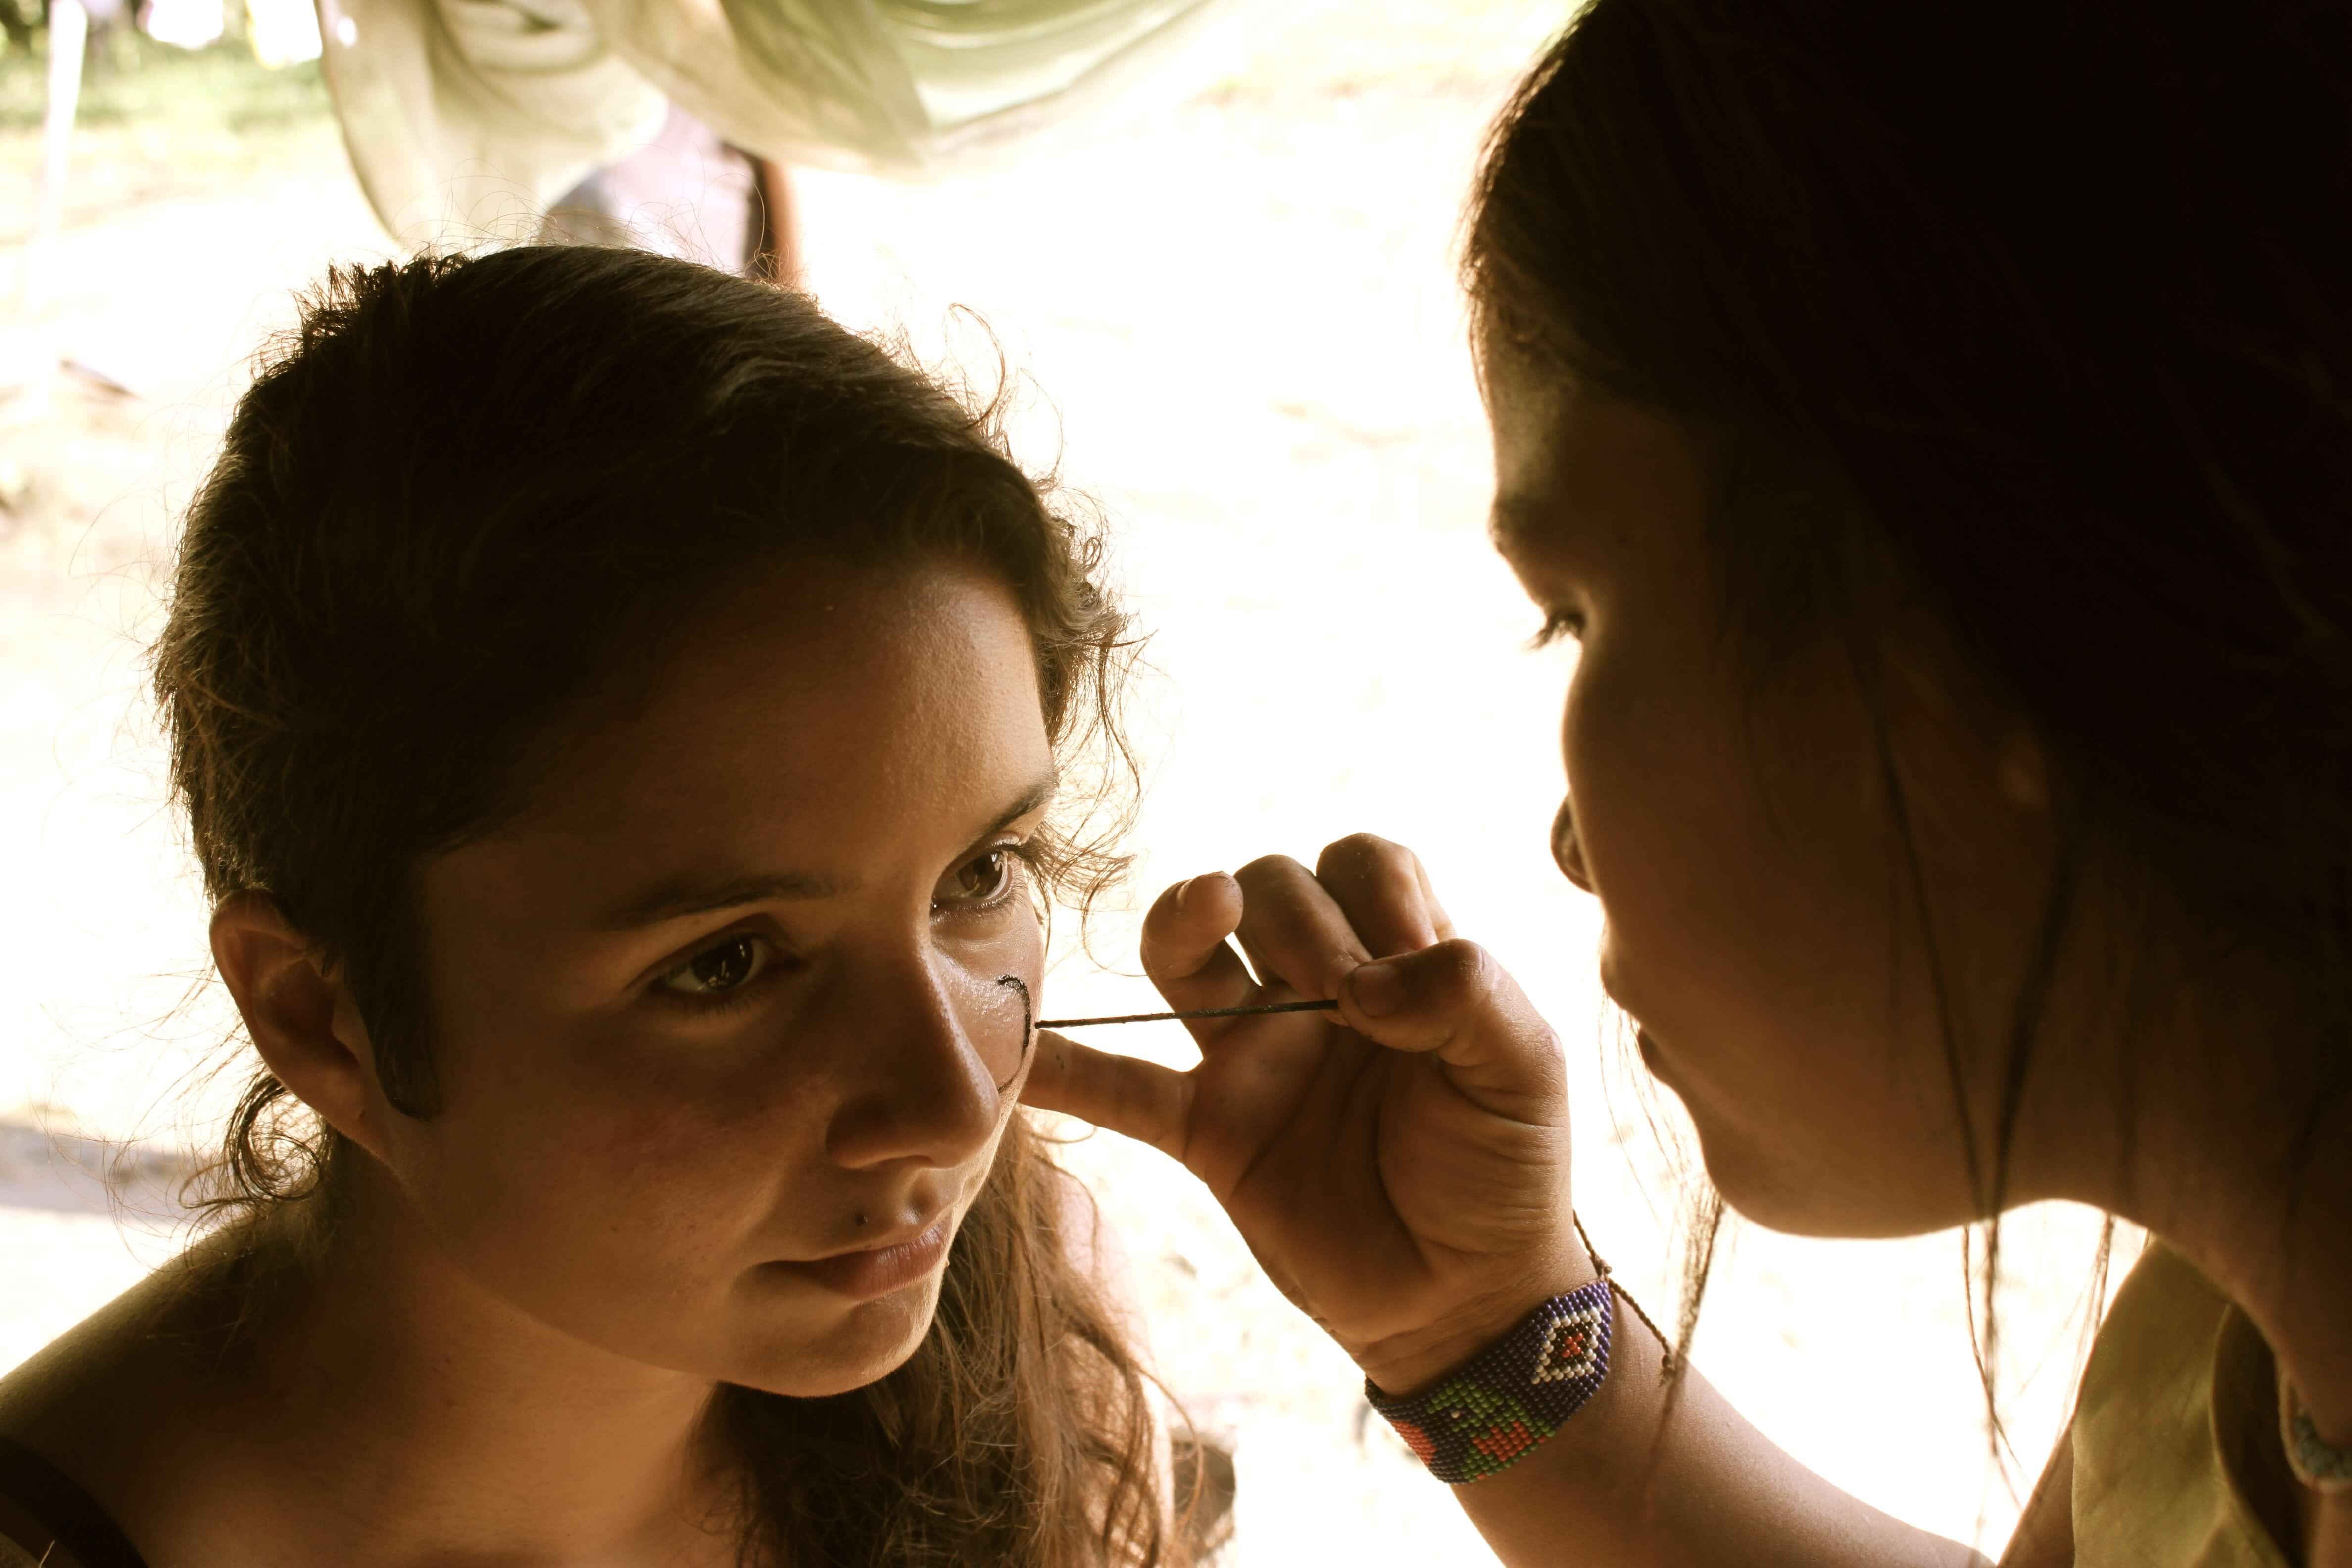 Lucía, notre volontaire auprès de la Fondation Pachamama en Équateur